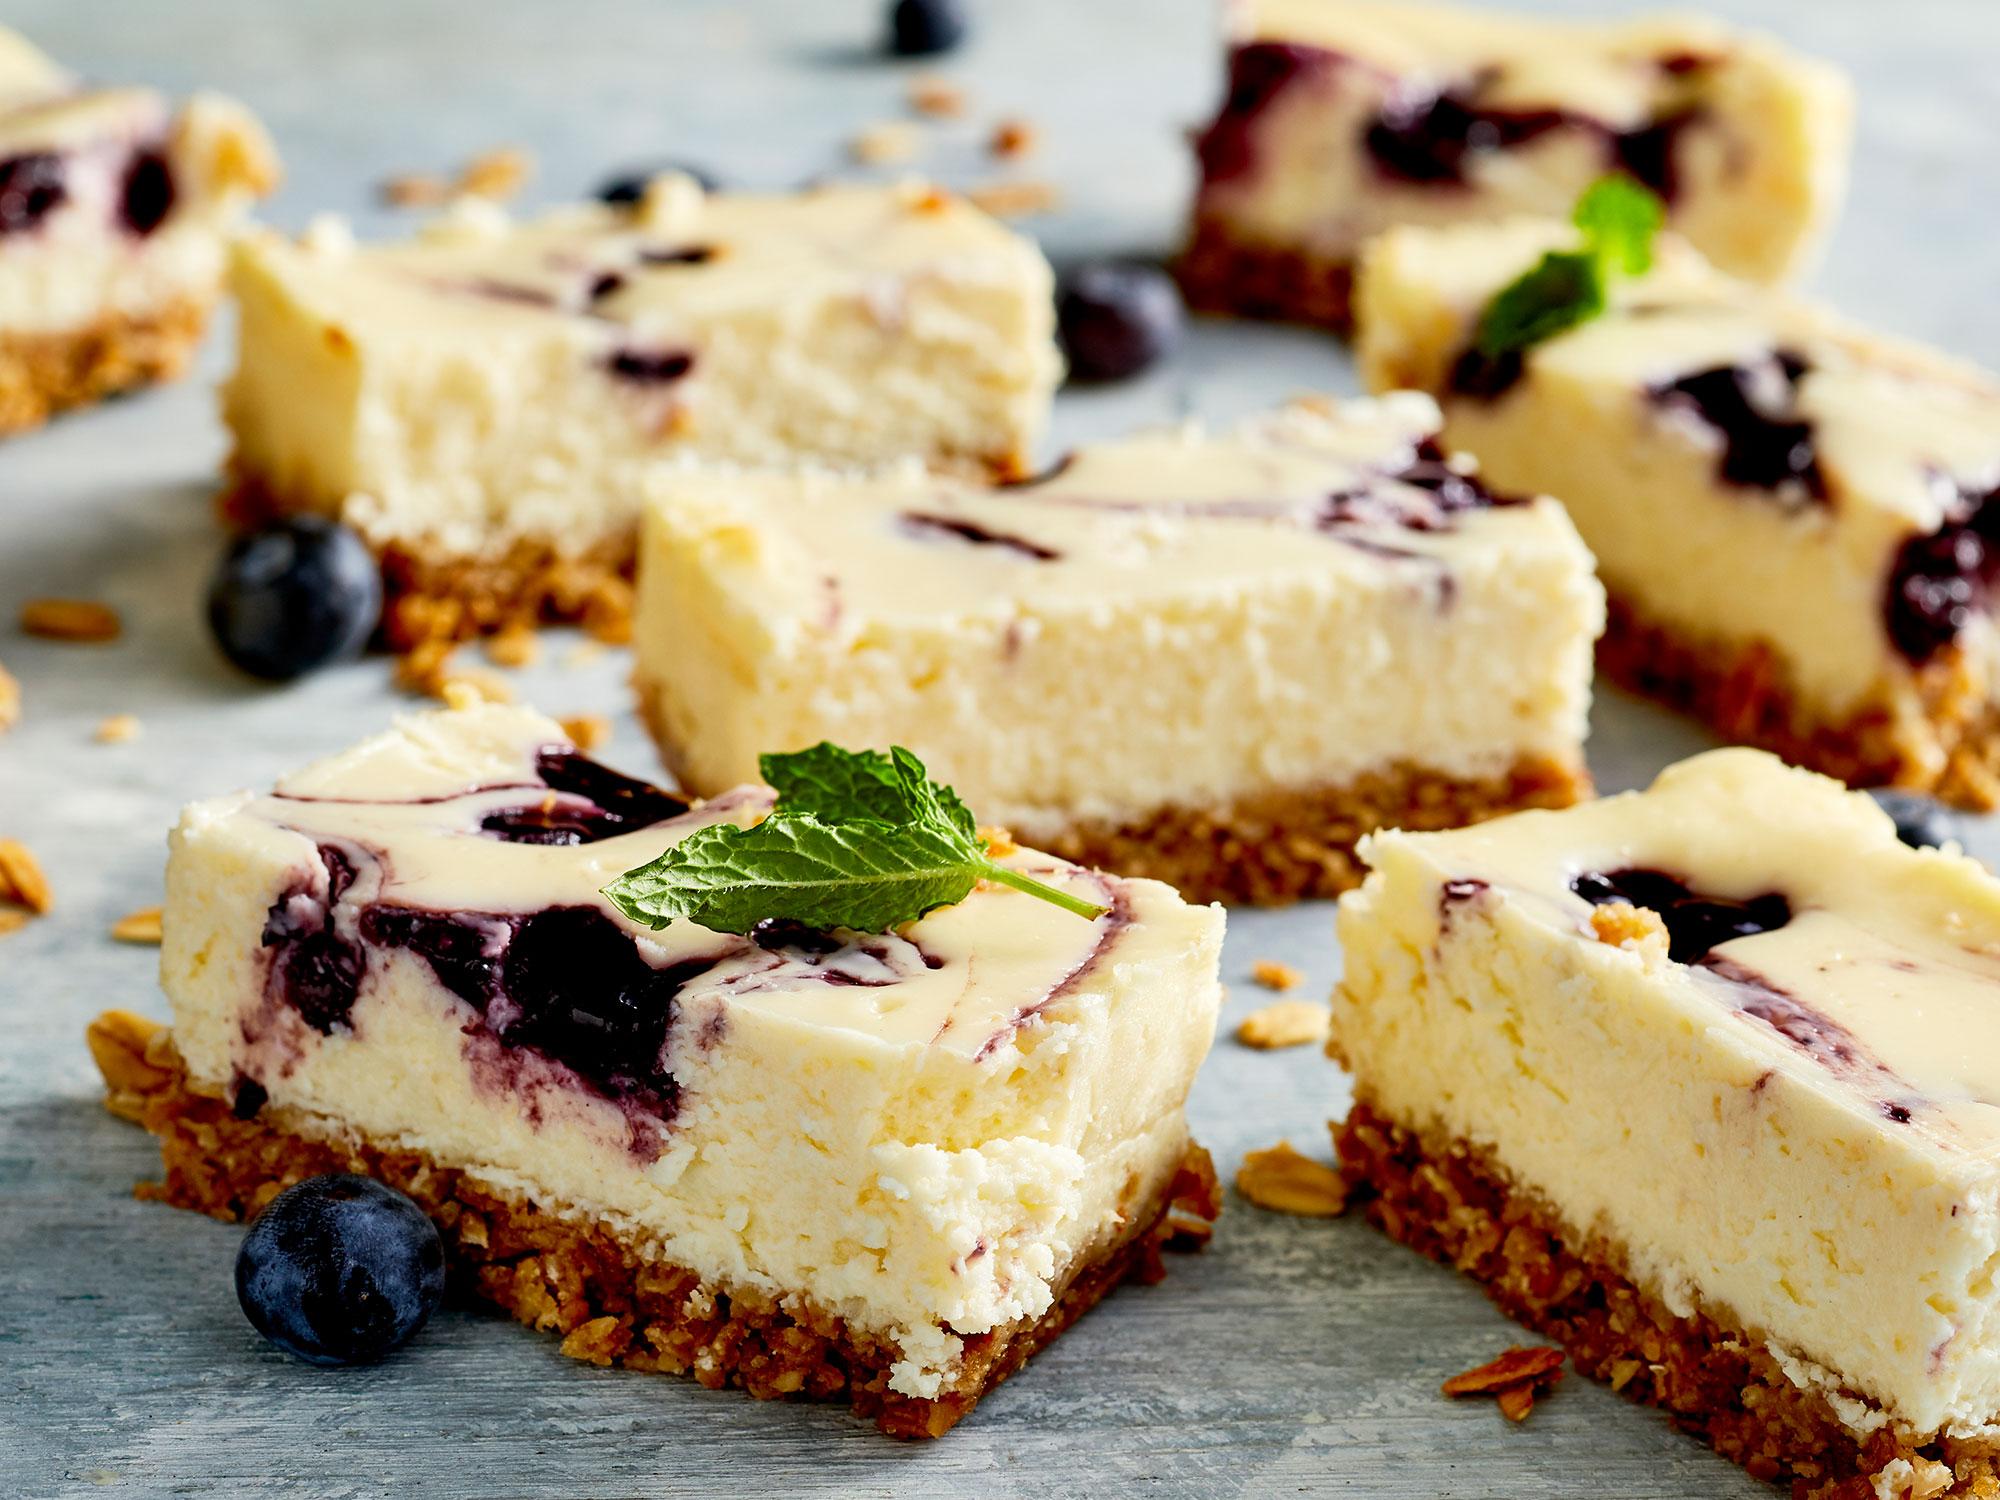 ec-video-greek-yogurt-cheesecake-bars-video-inline.jpg